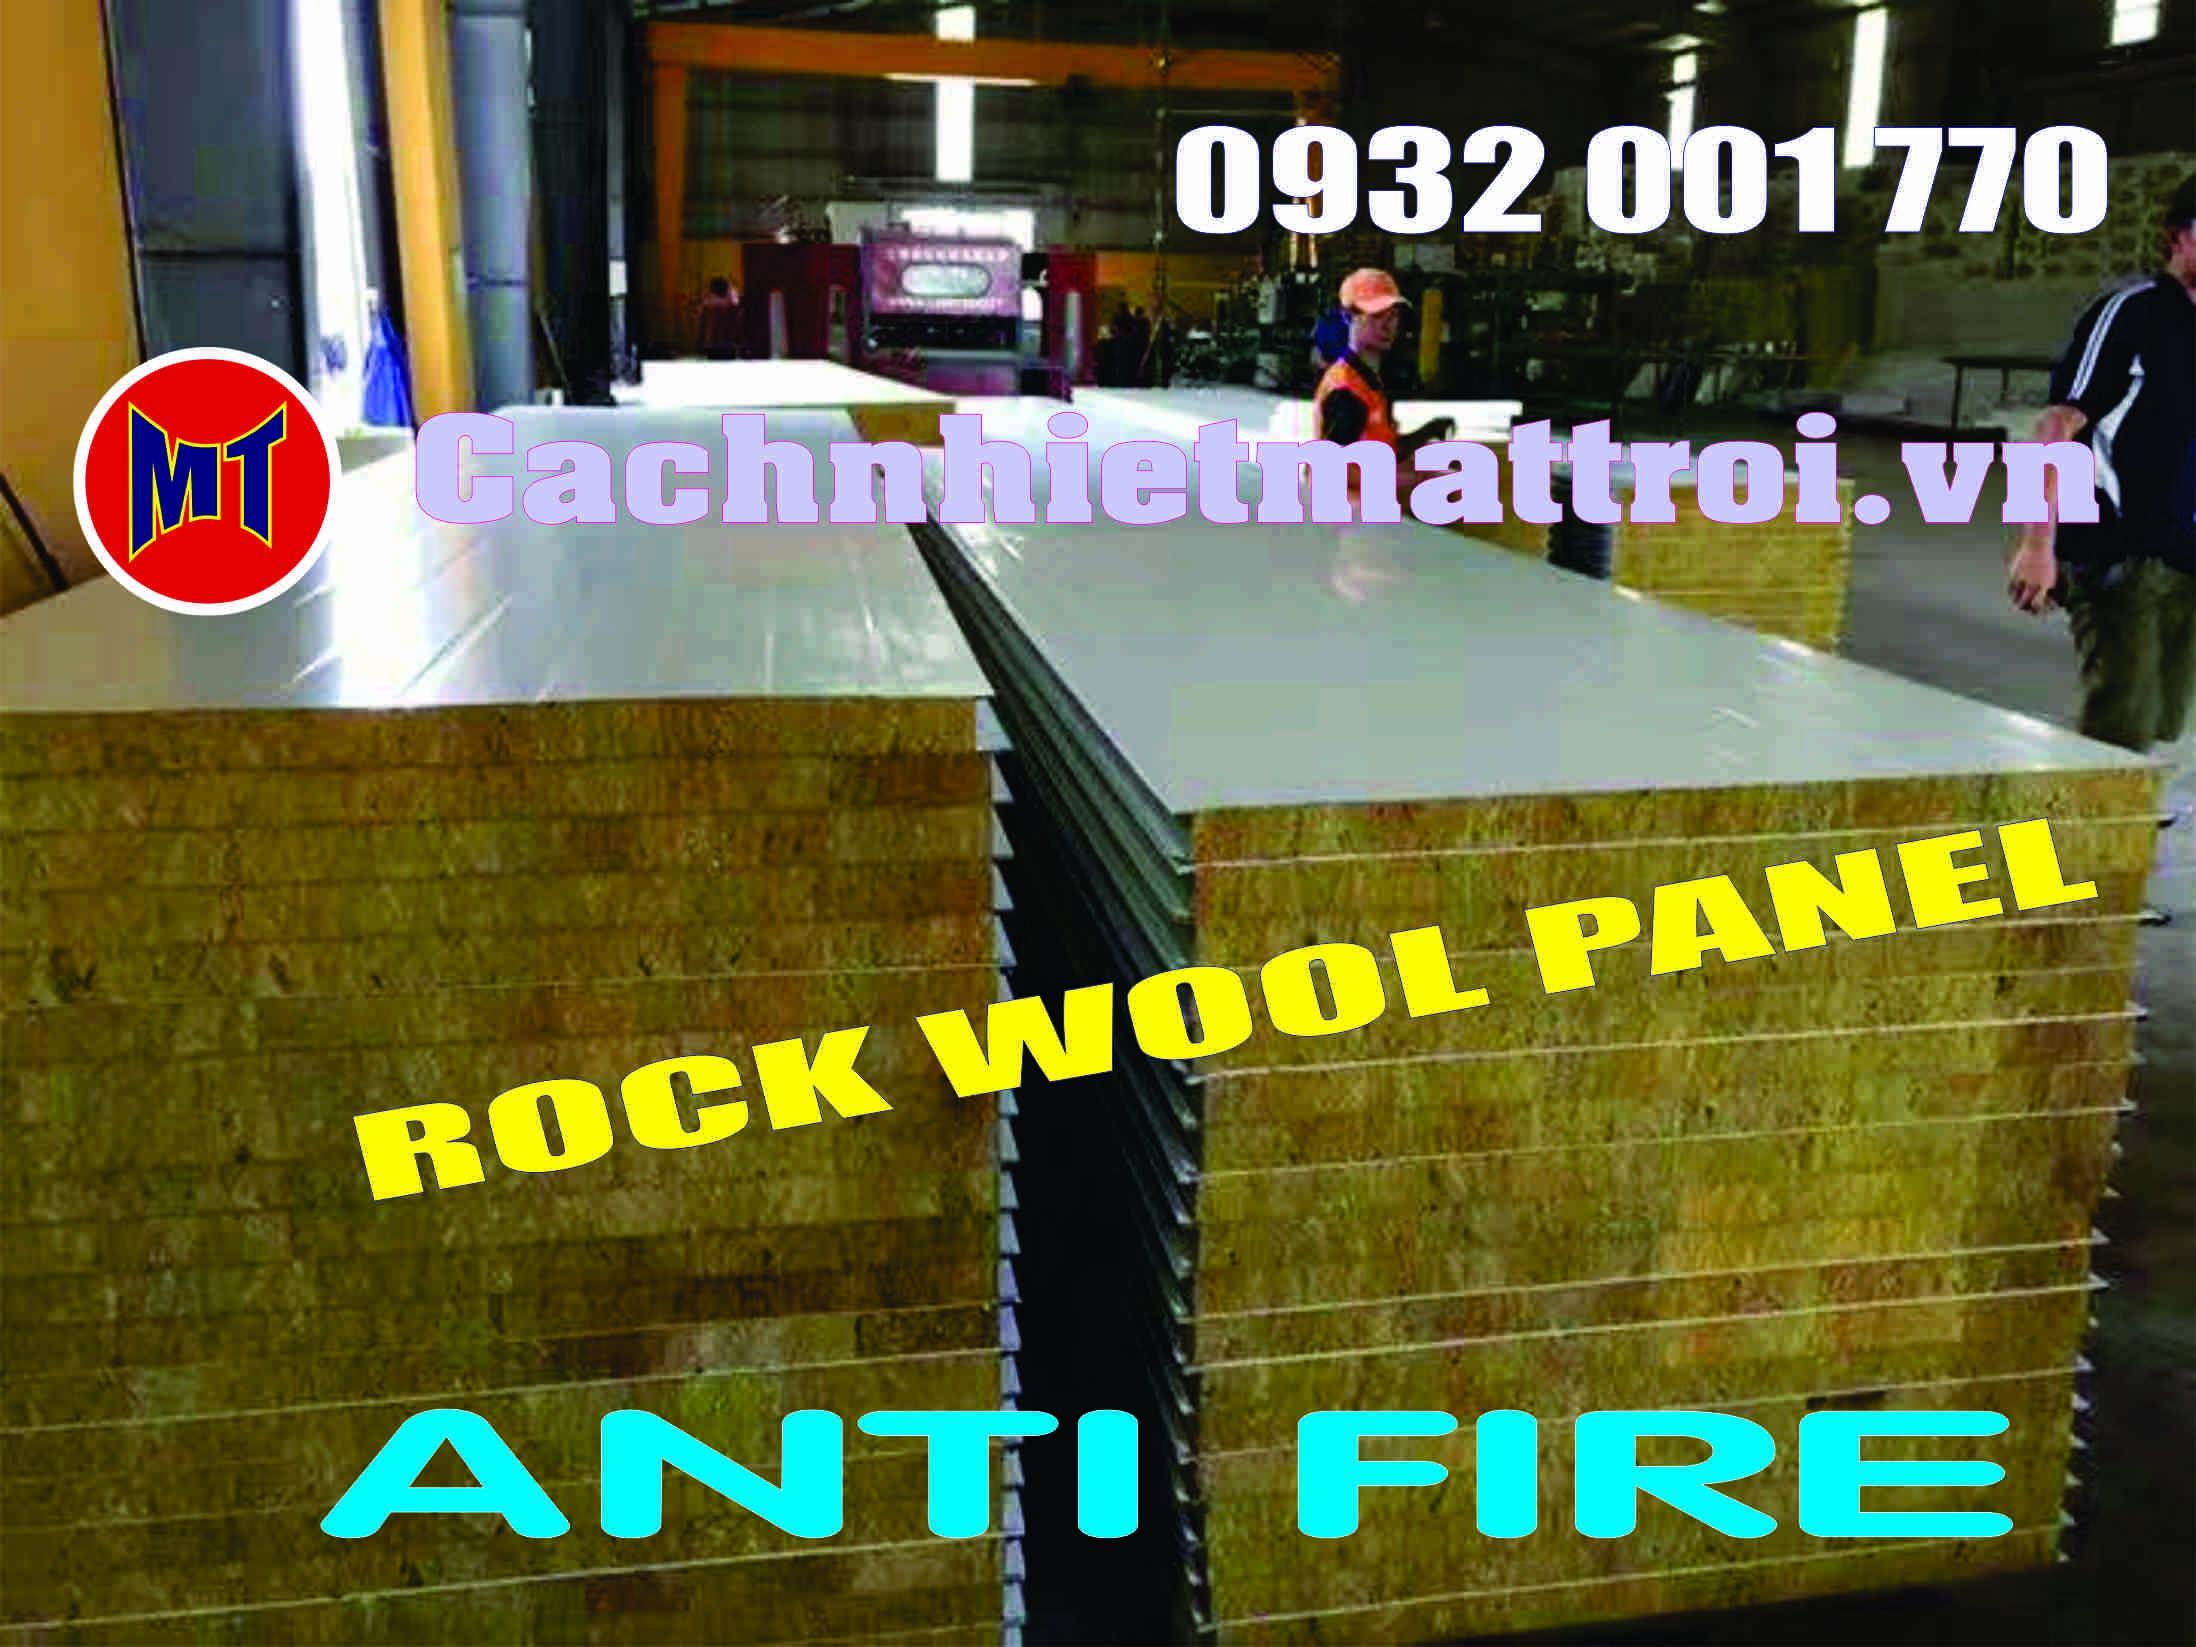 hình ảnh sản phẩm PANEL ROCK WOOL CHỐNG CHÁY